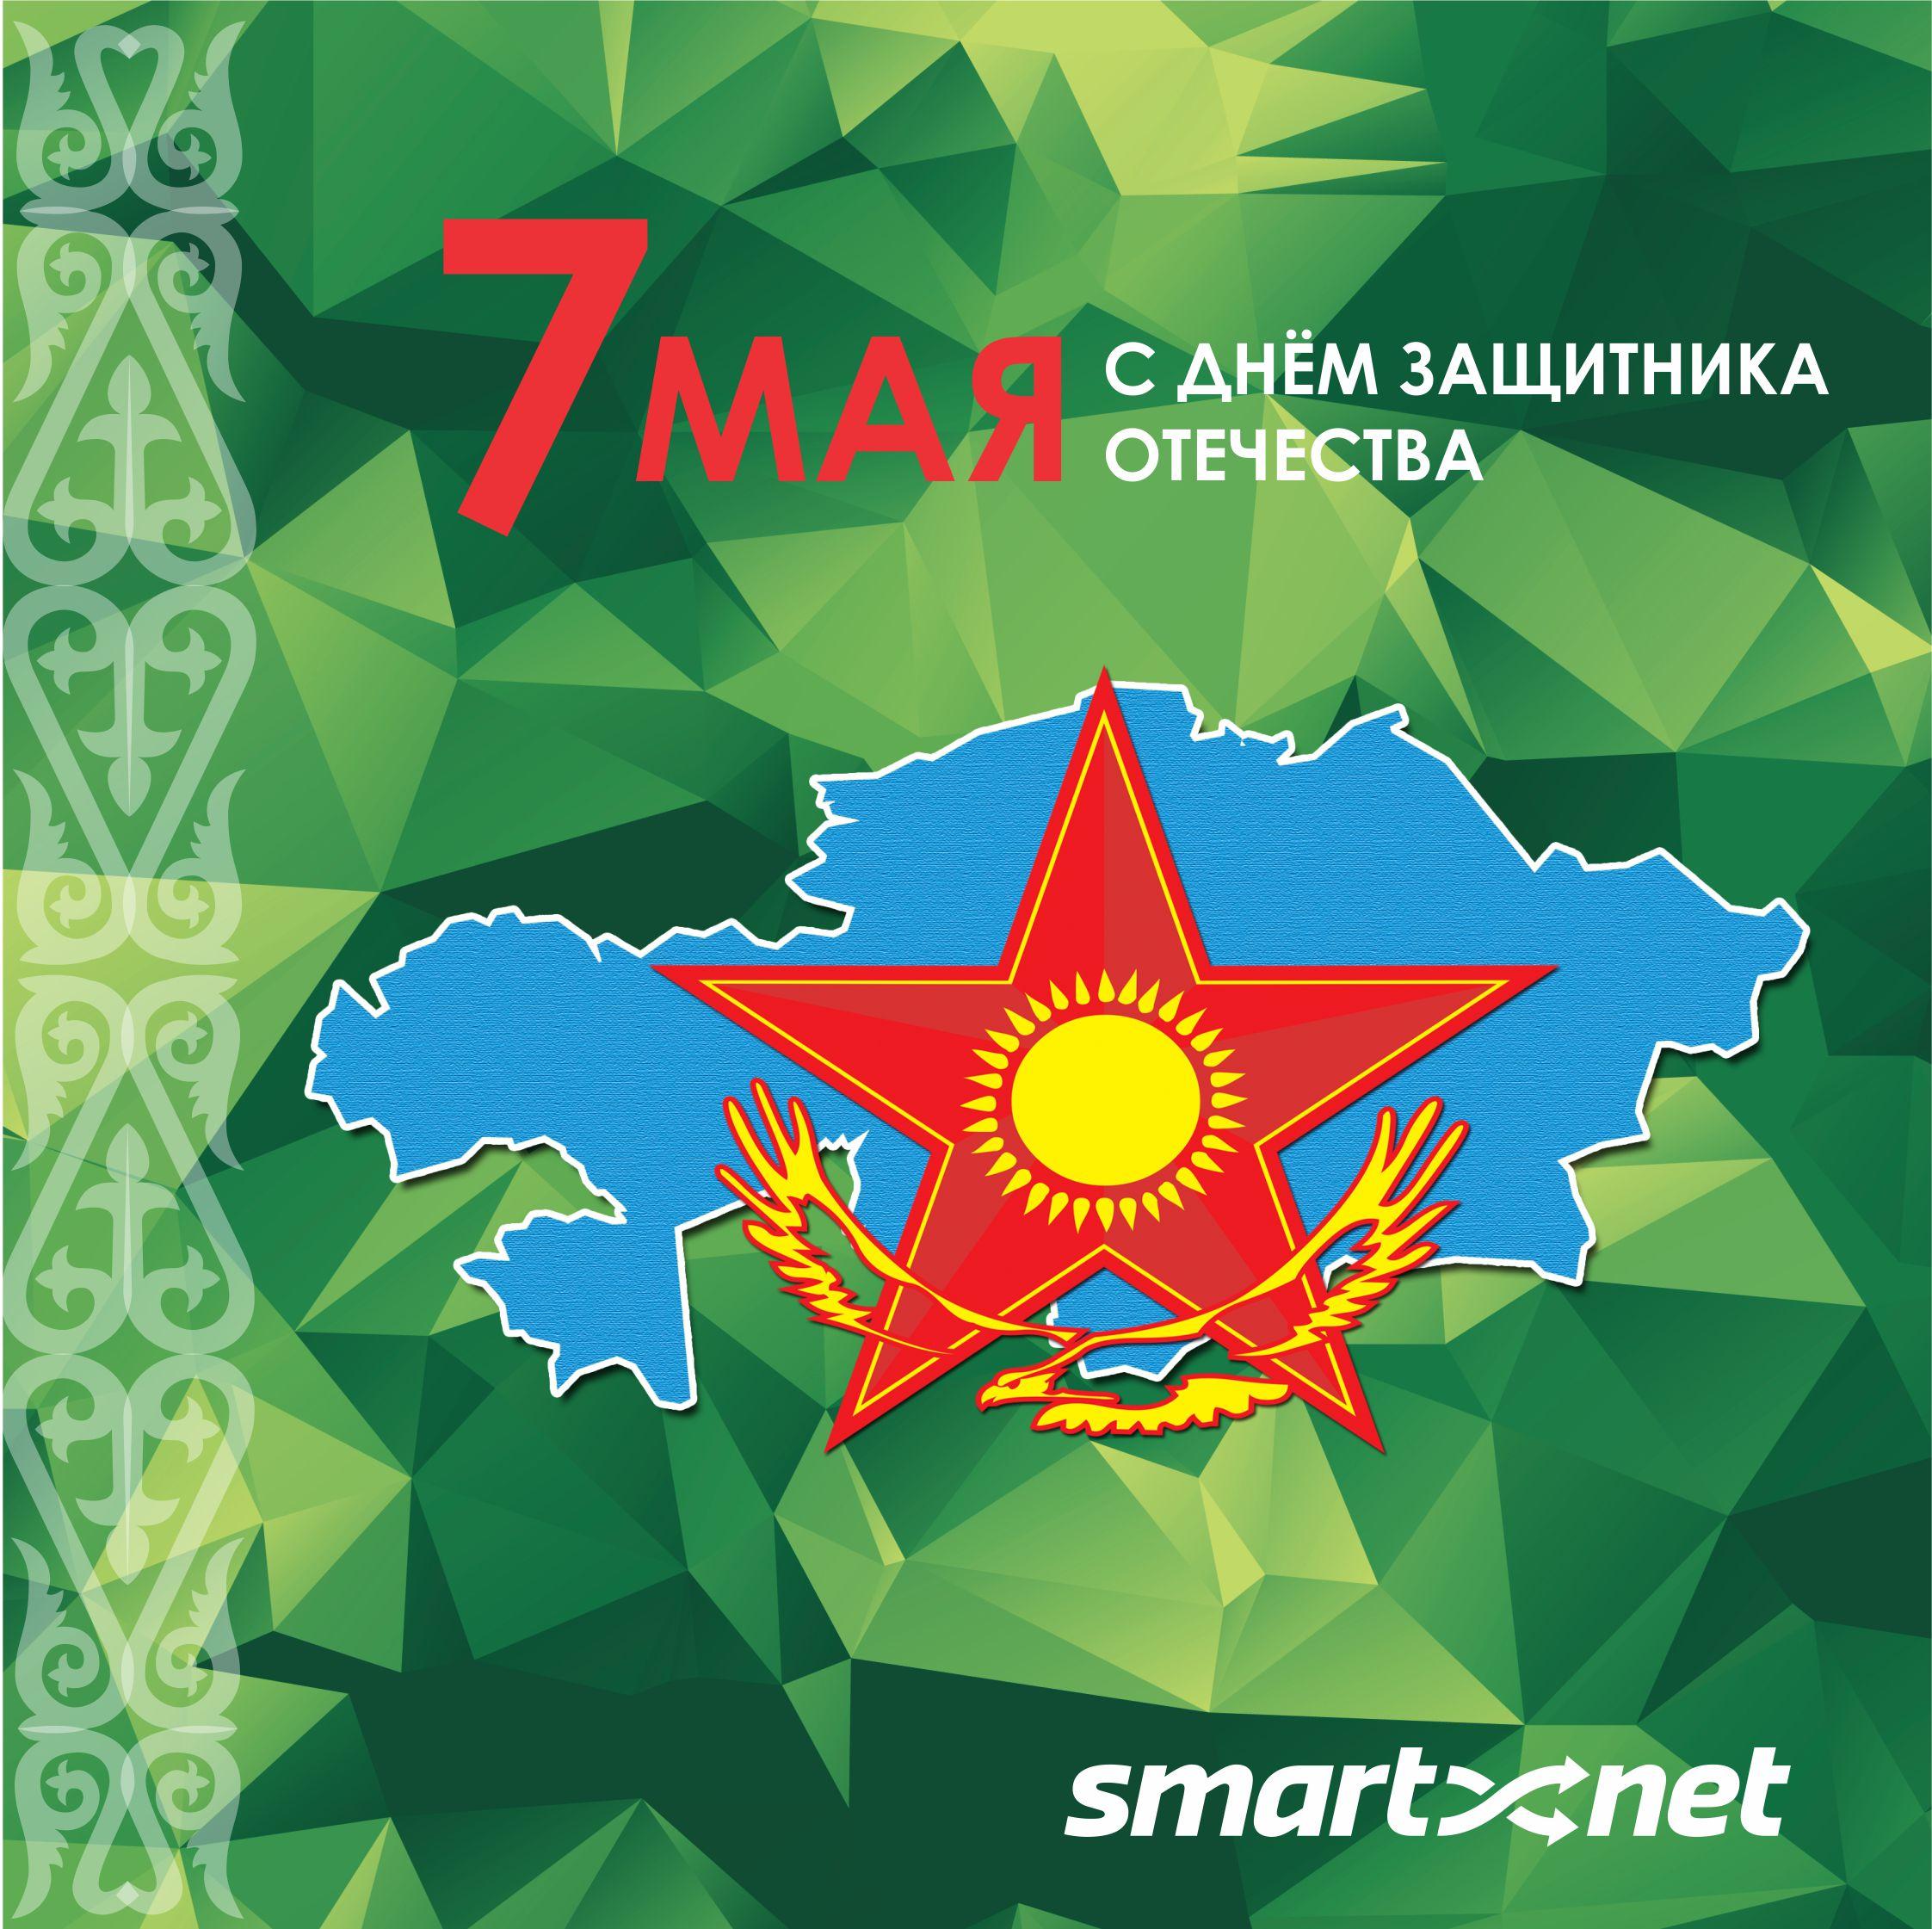 открытки с днем защитника отечества в казахстане 7 мая выбираются